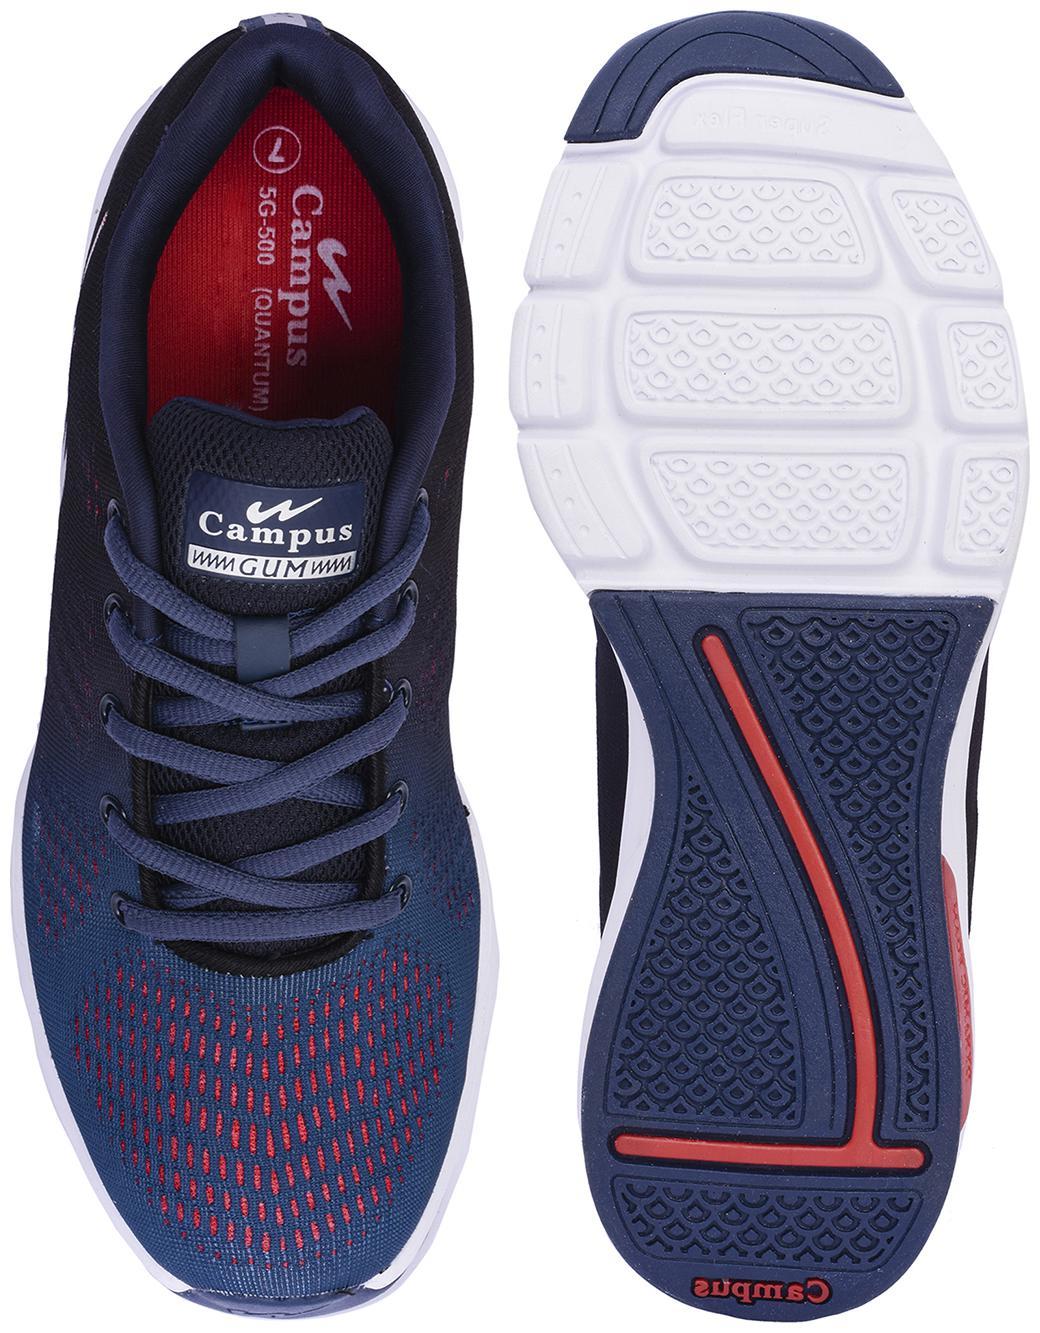 Campus Men QUANTUM Running Shoes